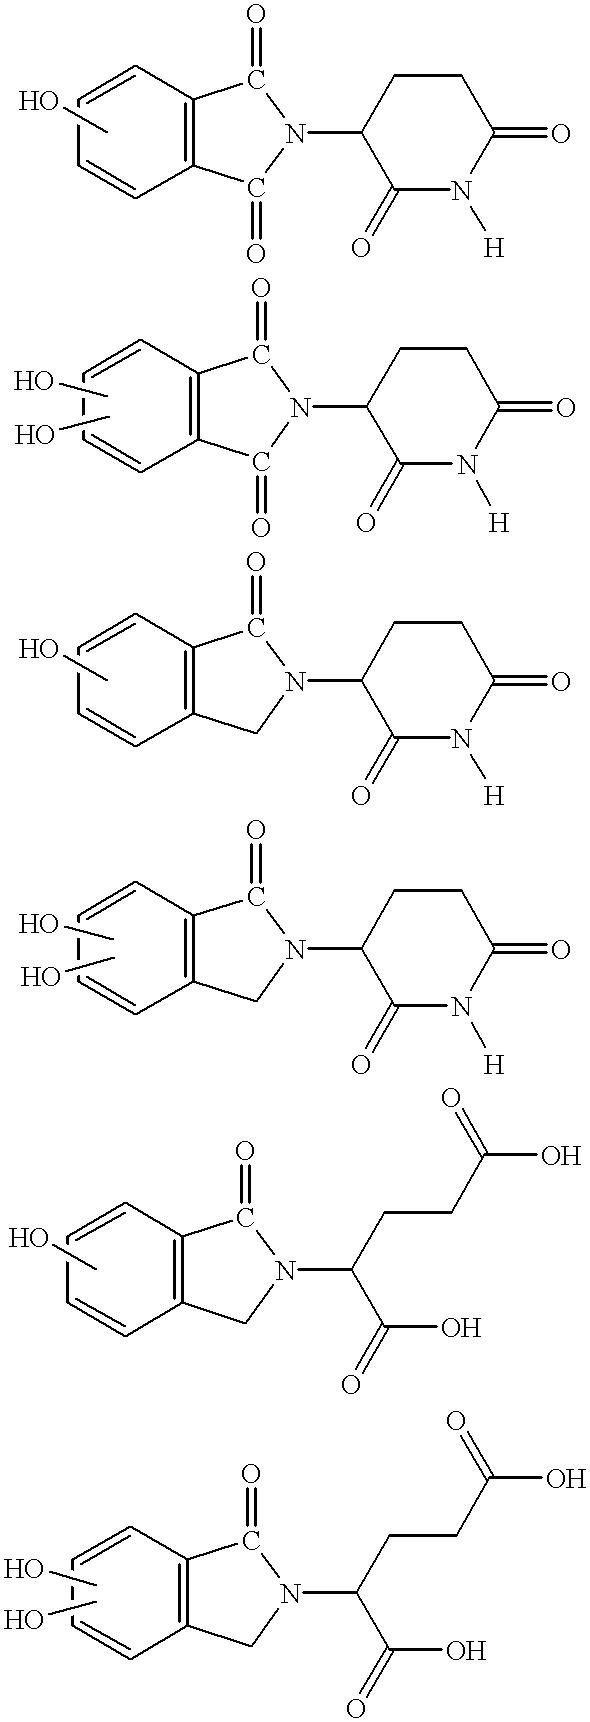 Figure US06228879-20010508-C00016